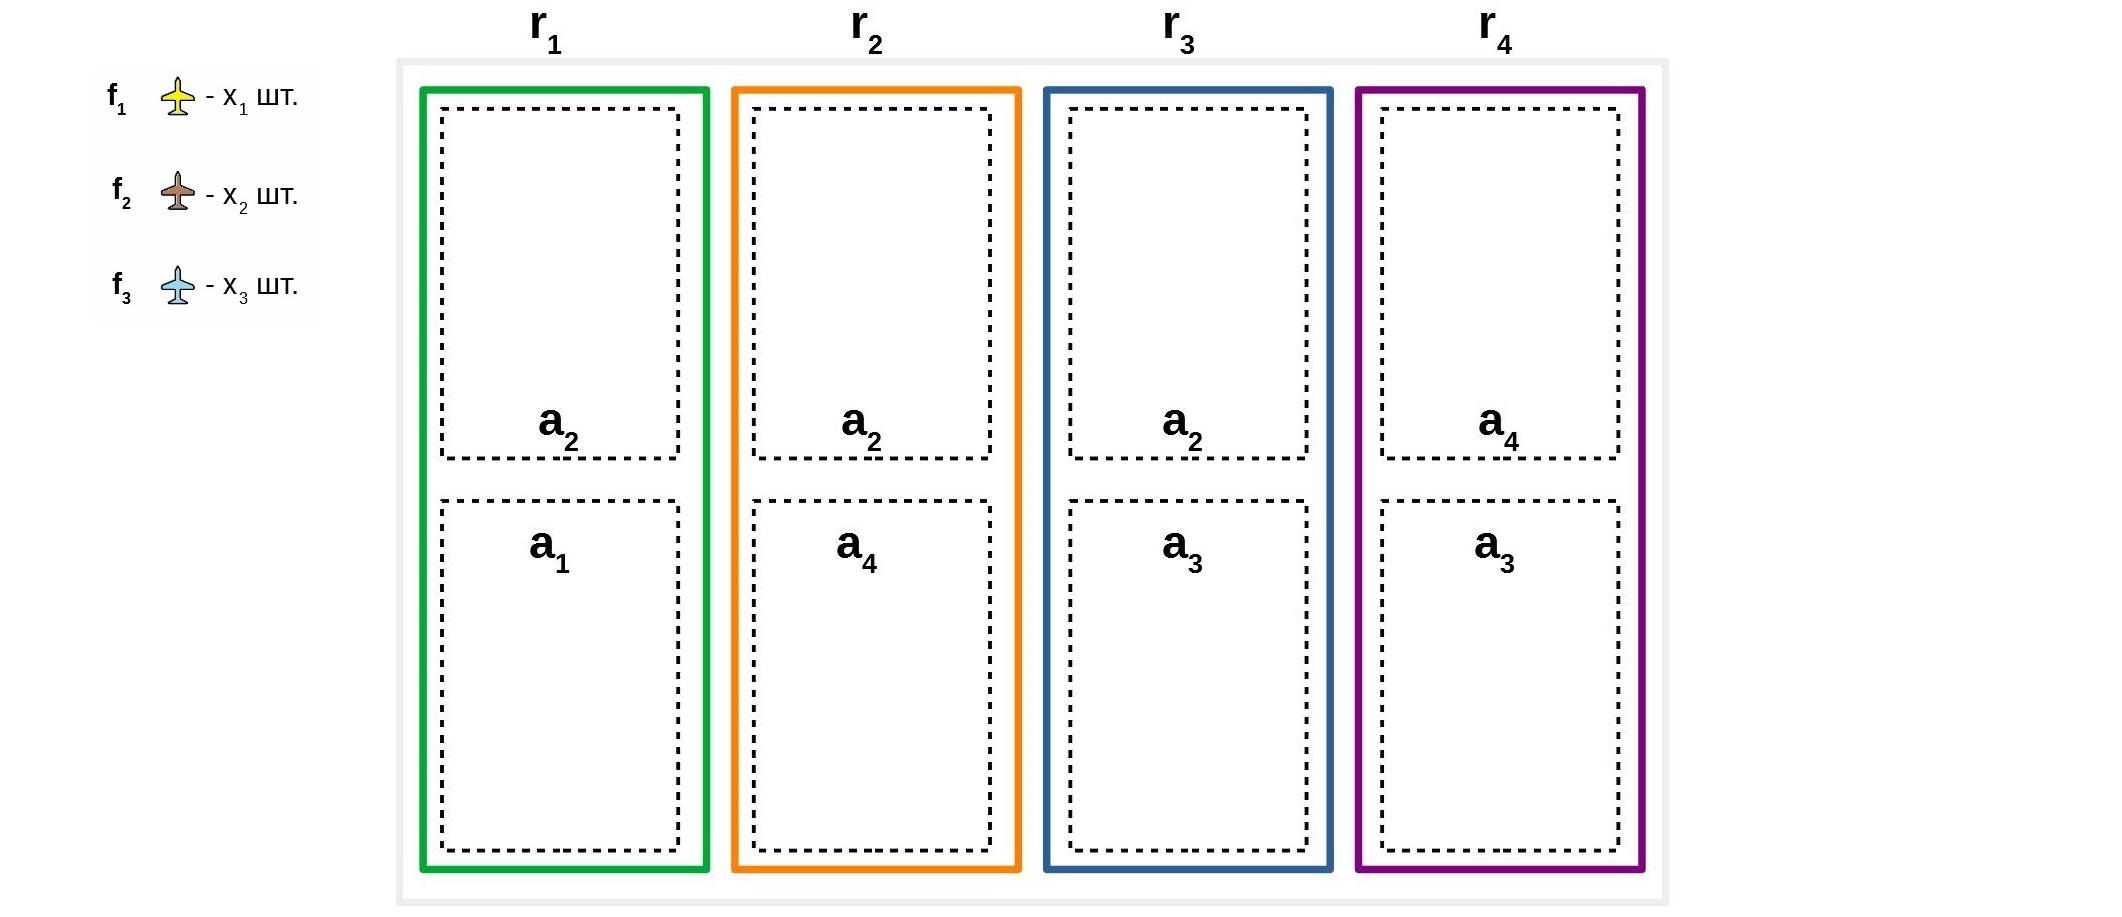 Логистика. Часть 1. Оптимизация авиасообщения по направлениям и формирование расписания - 20